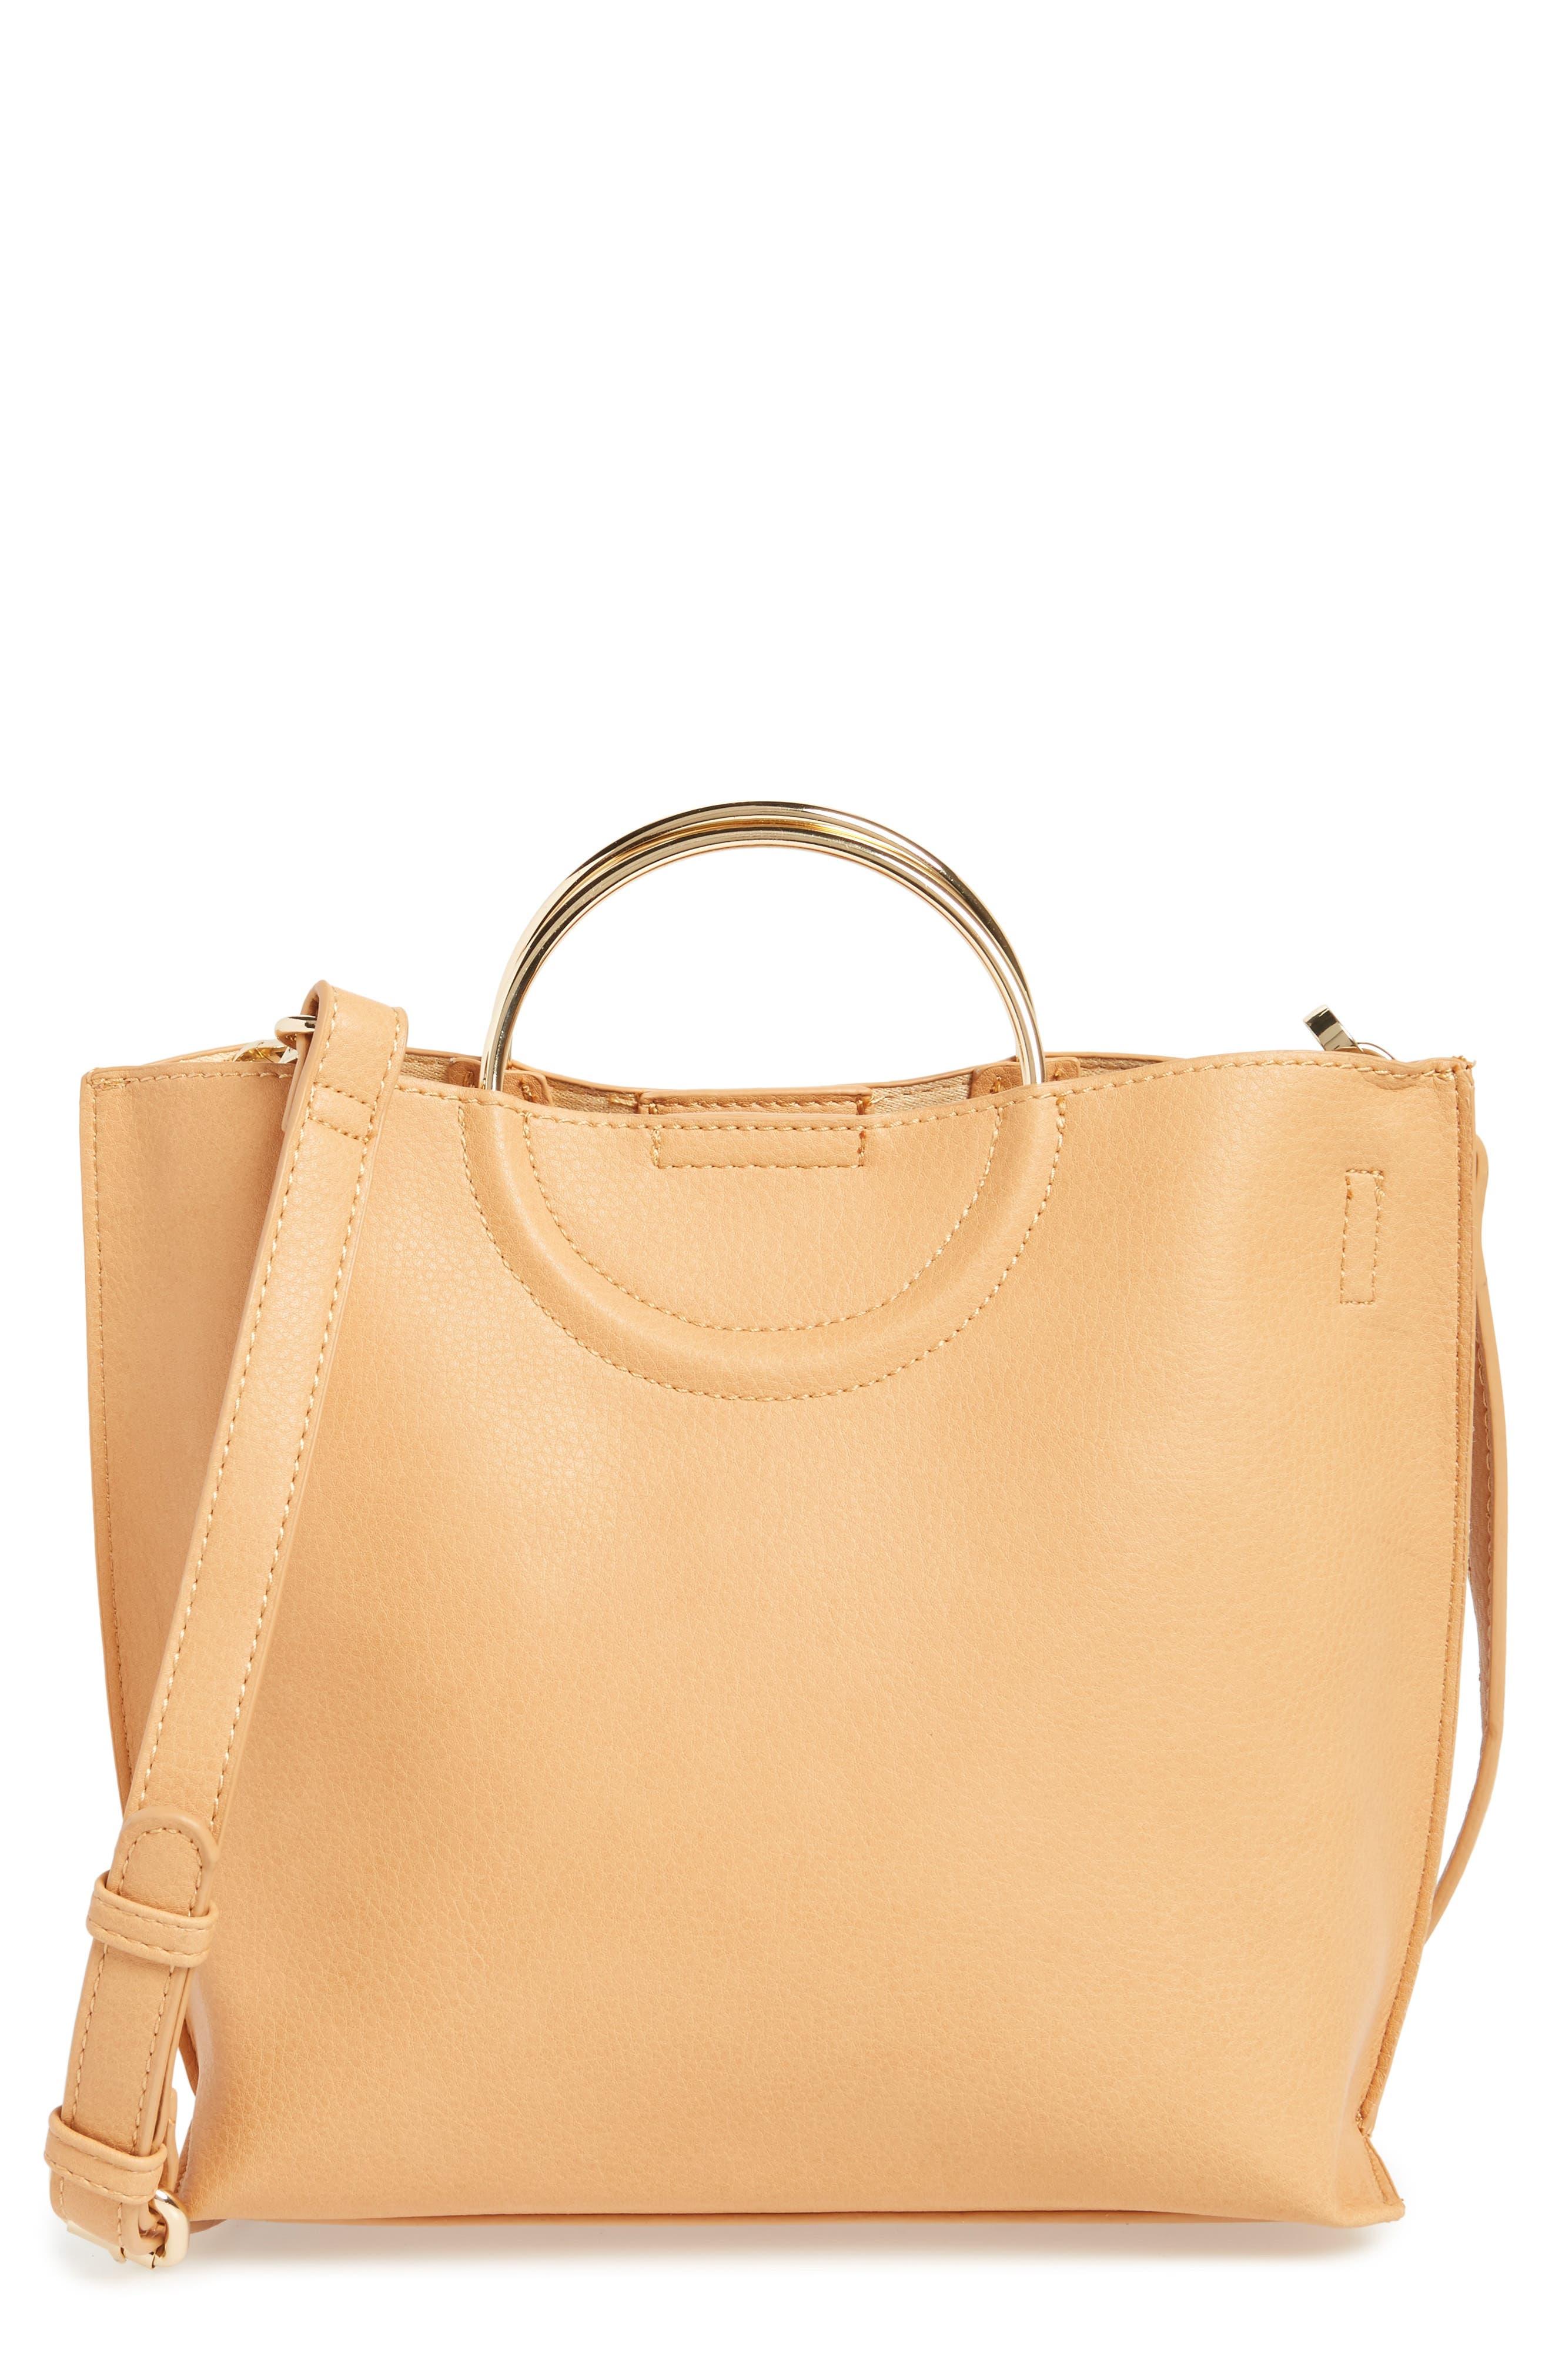 Main Image - BP. Metal Handle Faux Leather Crossbody Bag